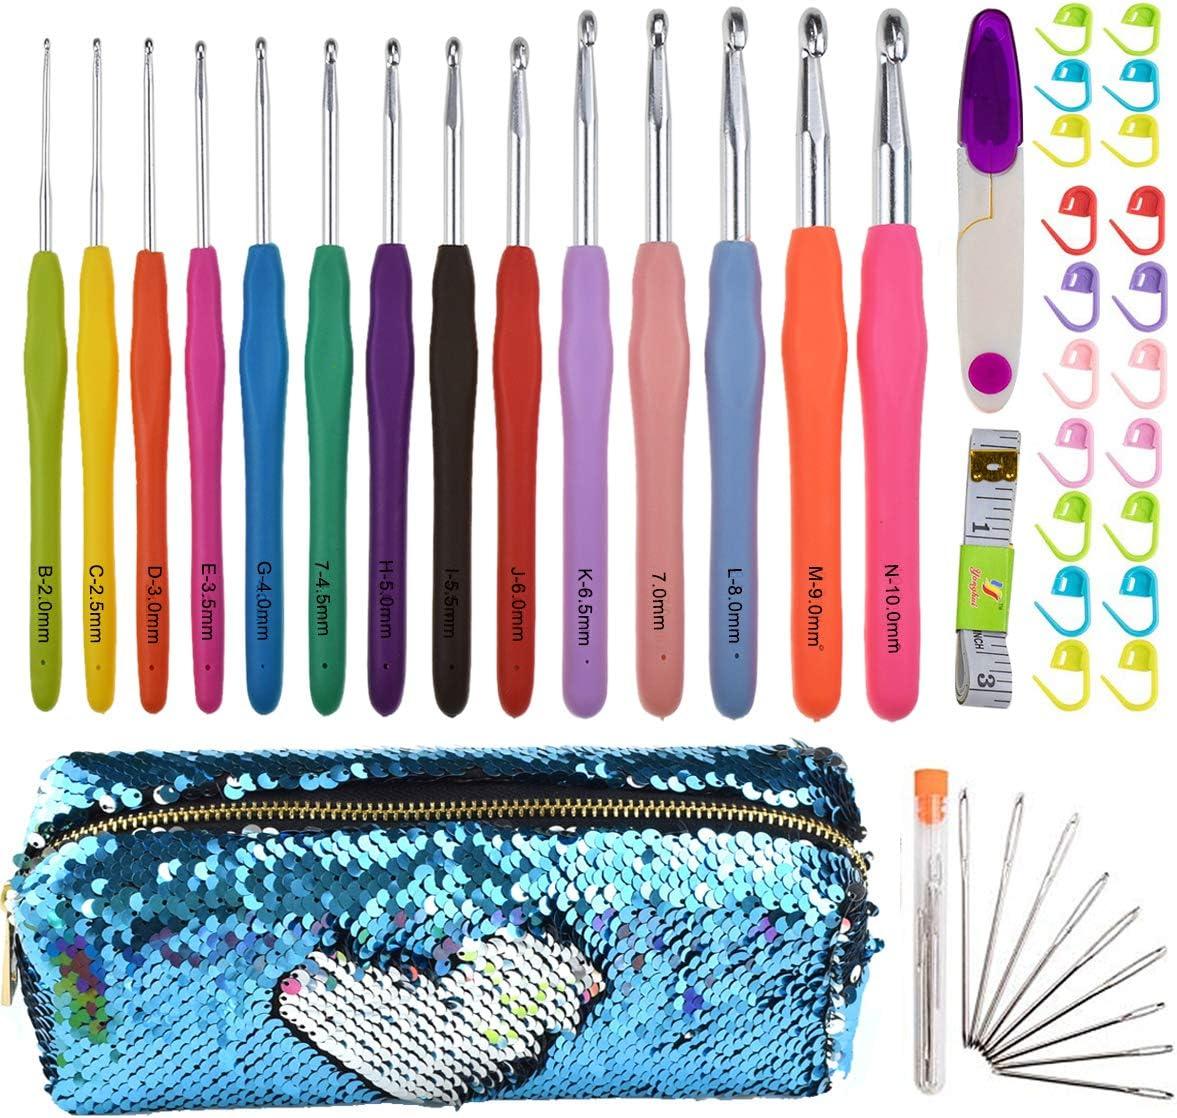 Looen - Gancho de ganchillo con estuche 14 agujas de tejer extra largas, tamaño completo, ergonómico, mango de goma suave al tacto, ganchos para manos artísticas, bueno para grandes proyectos de crochetos: